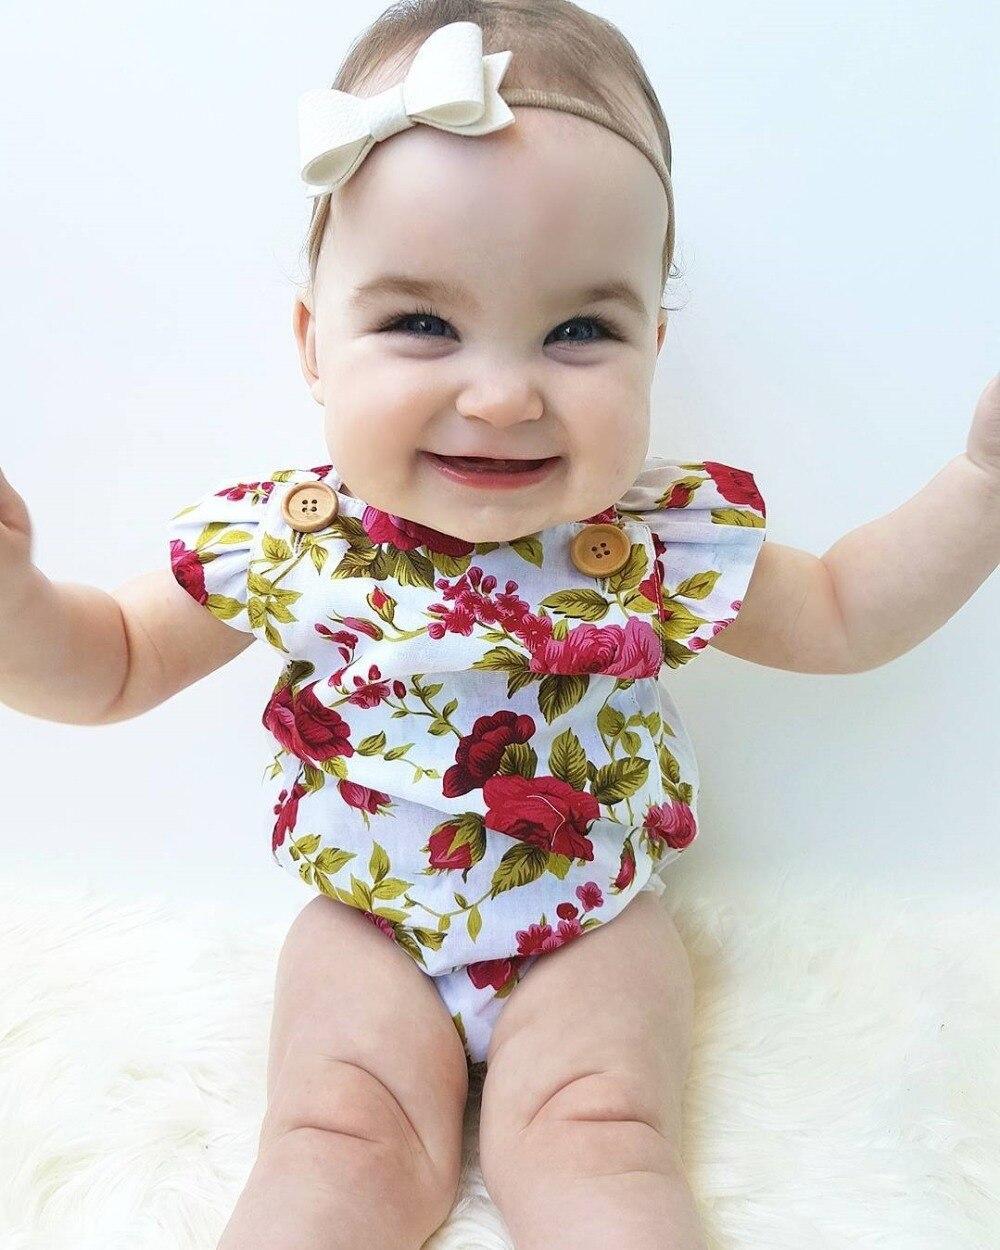 Цветы летняя одежда для девочек с лямкой на шее в виде листка лотоса + Джерси группы оголовье Детская одежда костюм 0-24 м